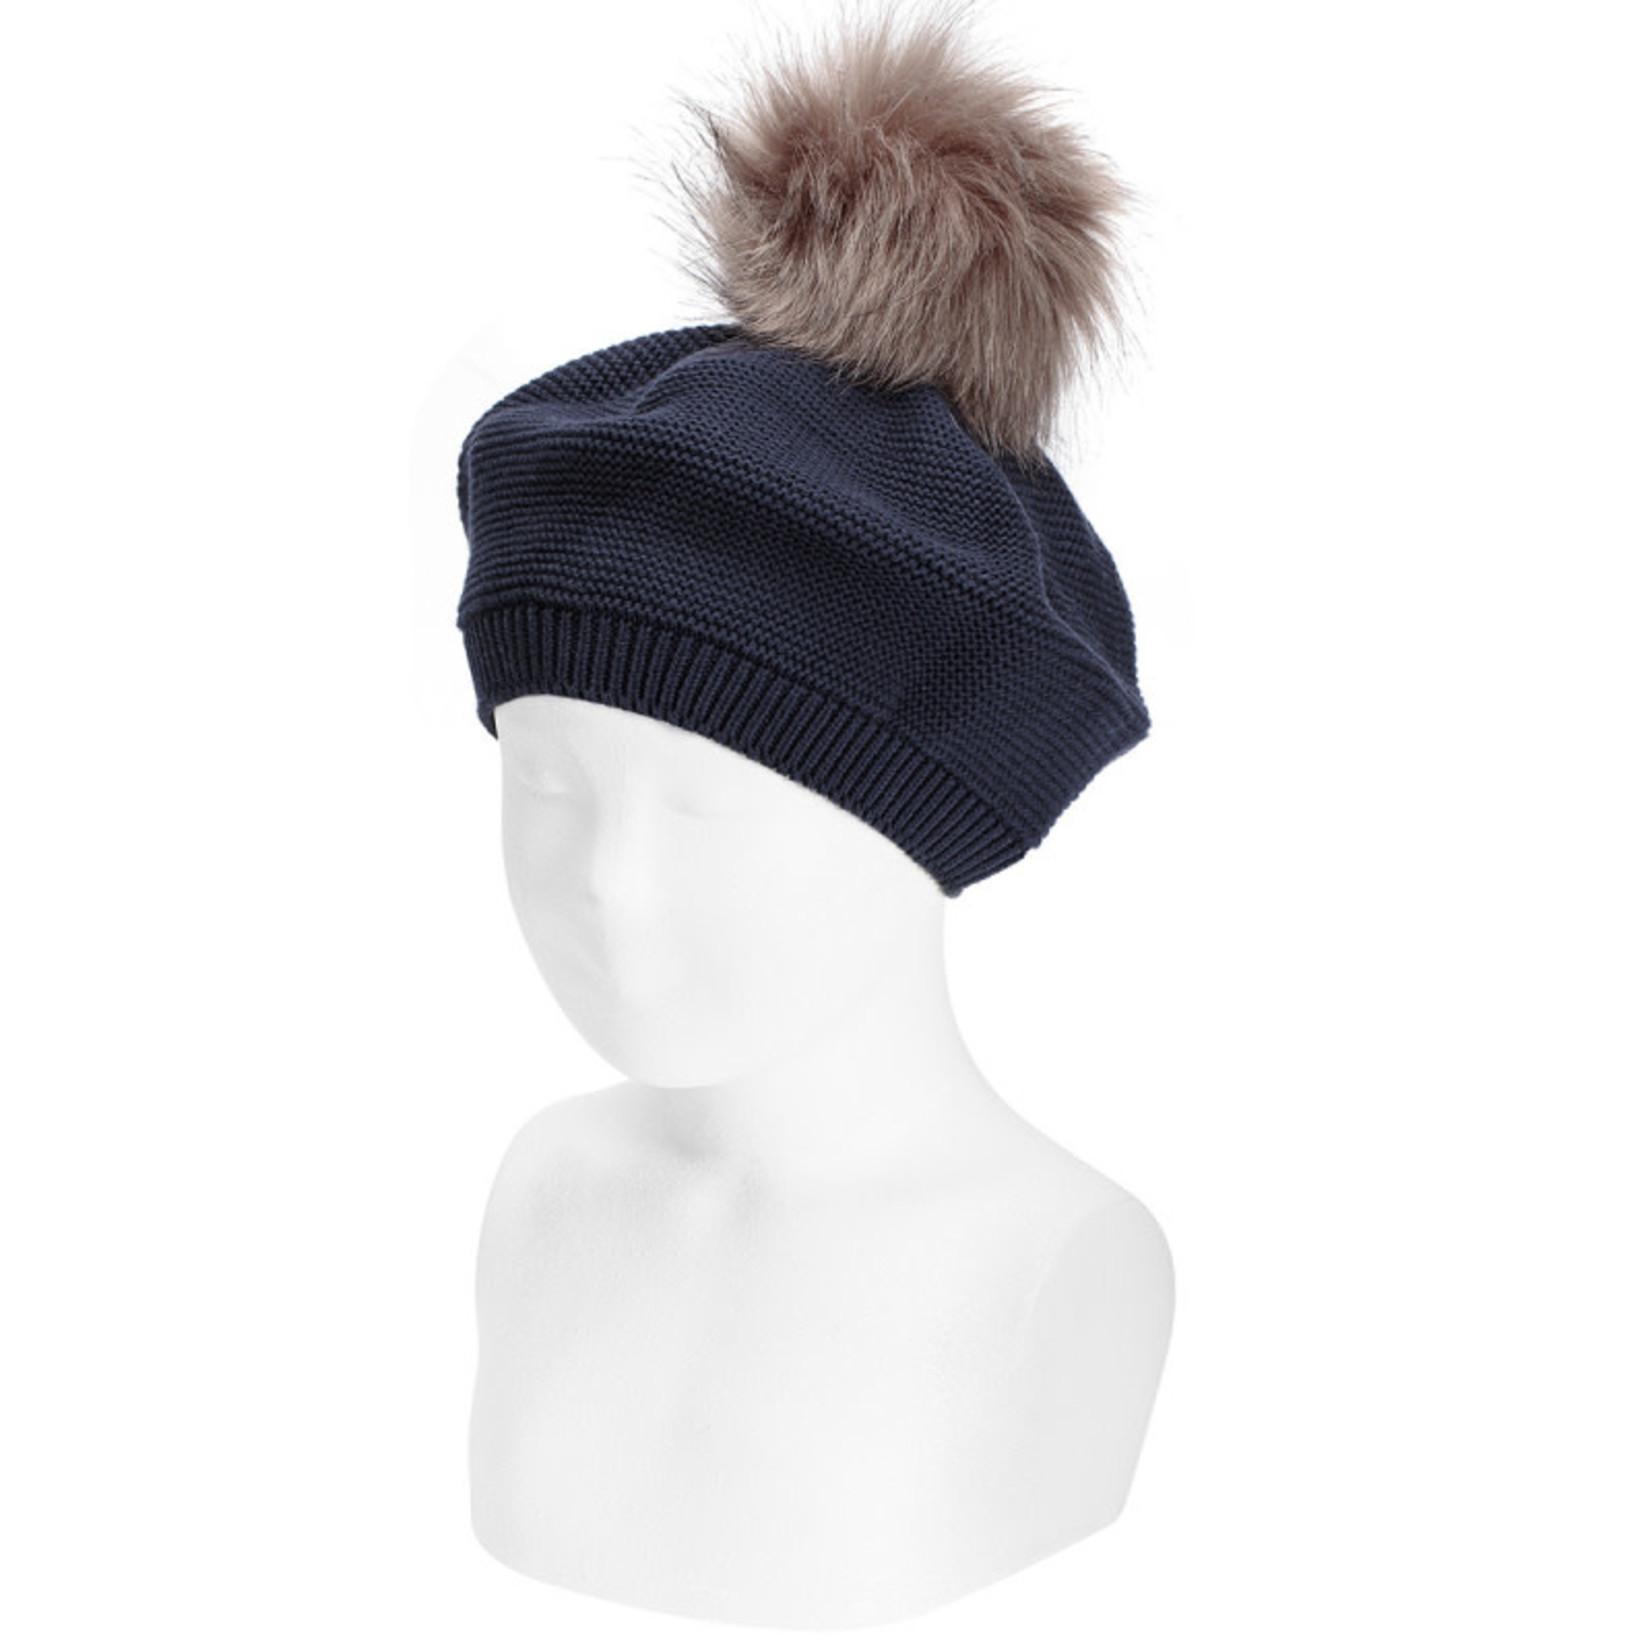 Condor Hat Polly - Condor Navy